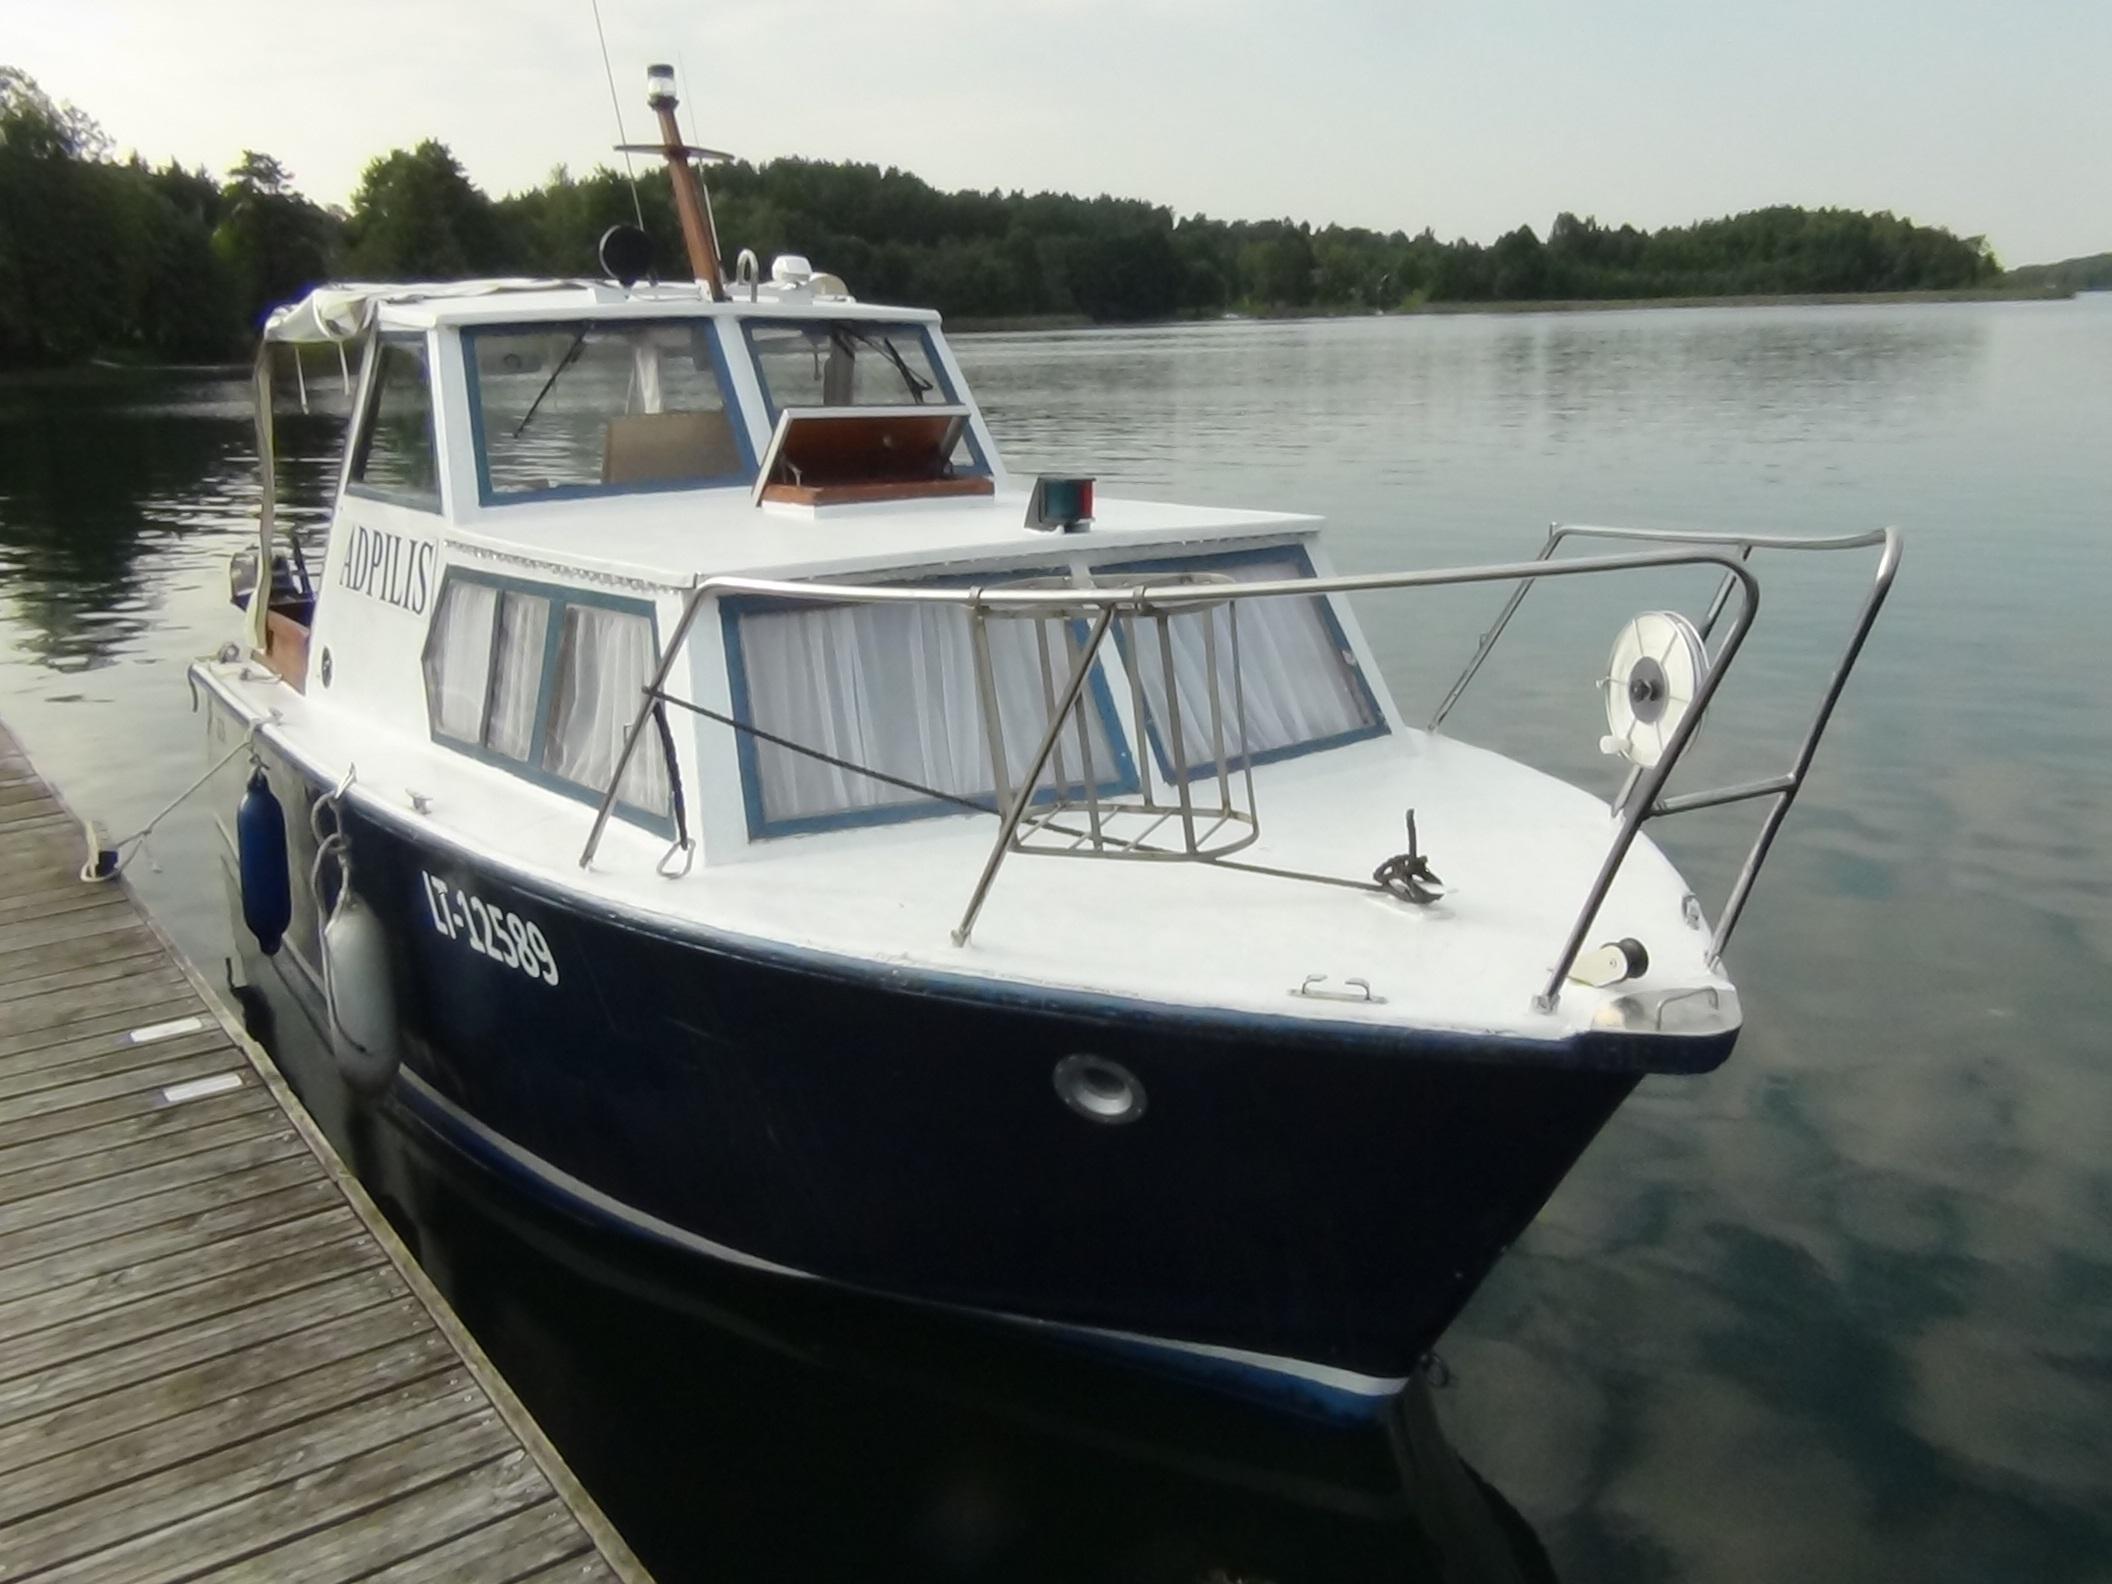 Laivavedžių kursai